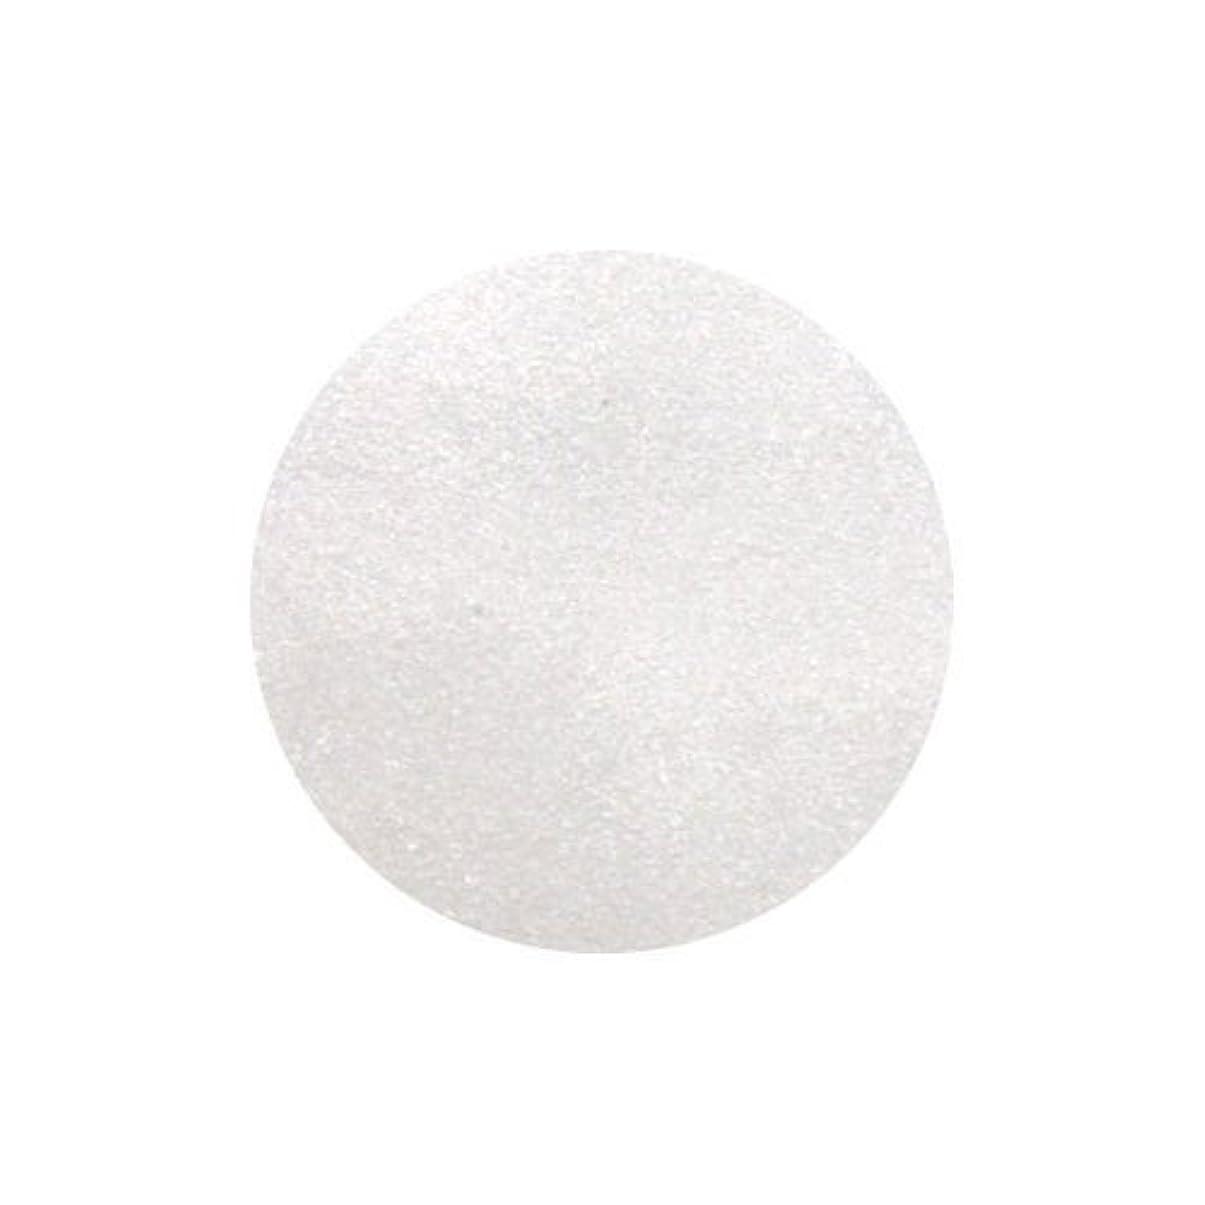 最少怠惰抑圧者ピカエース ネイル用パウダー ピカエース クリスタルパール 3S #420-CW3S ホワイト 0.5g アート材